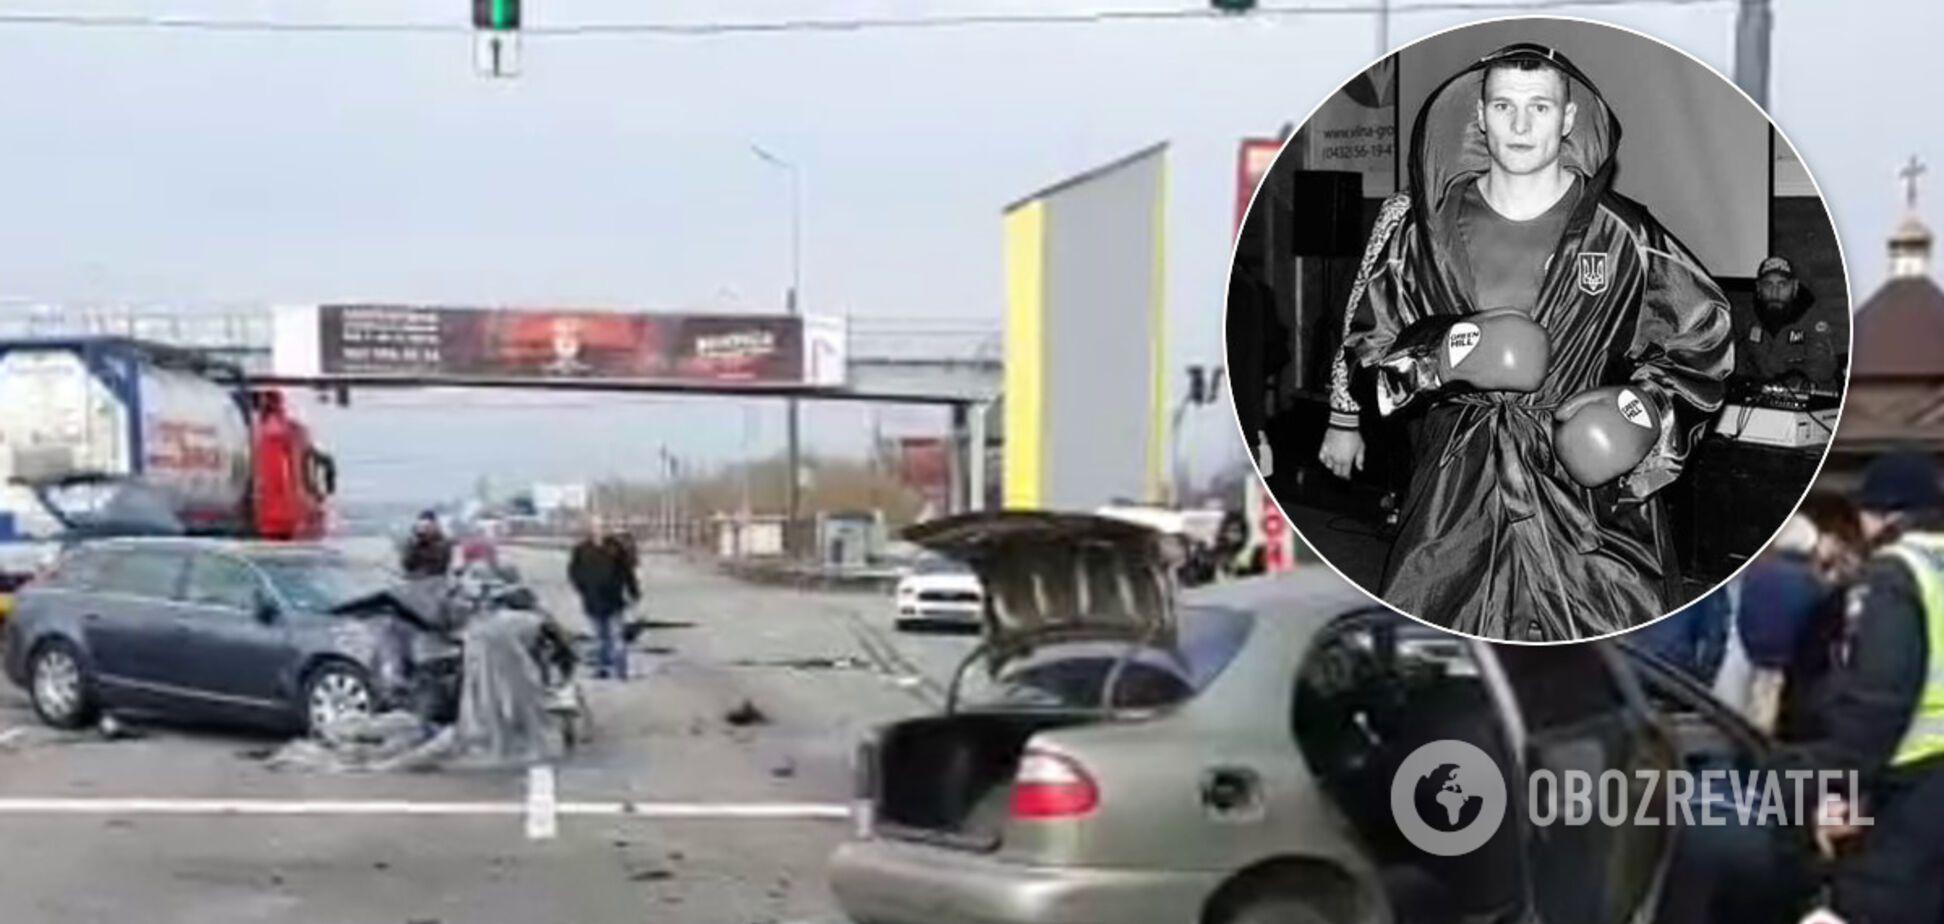 Український боксер Дмитро Лісовий загинув у ДТП під Києвом